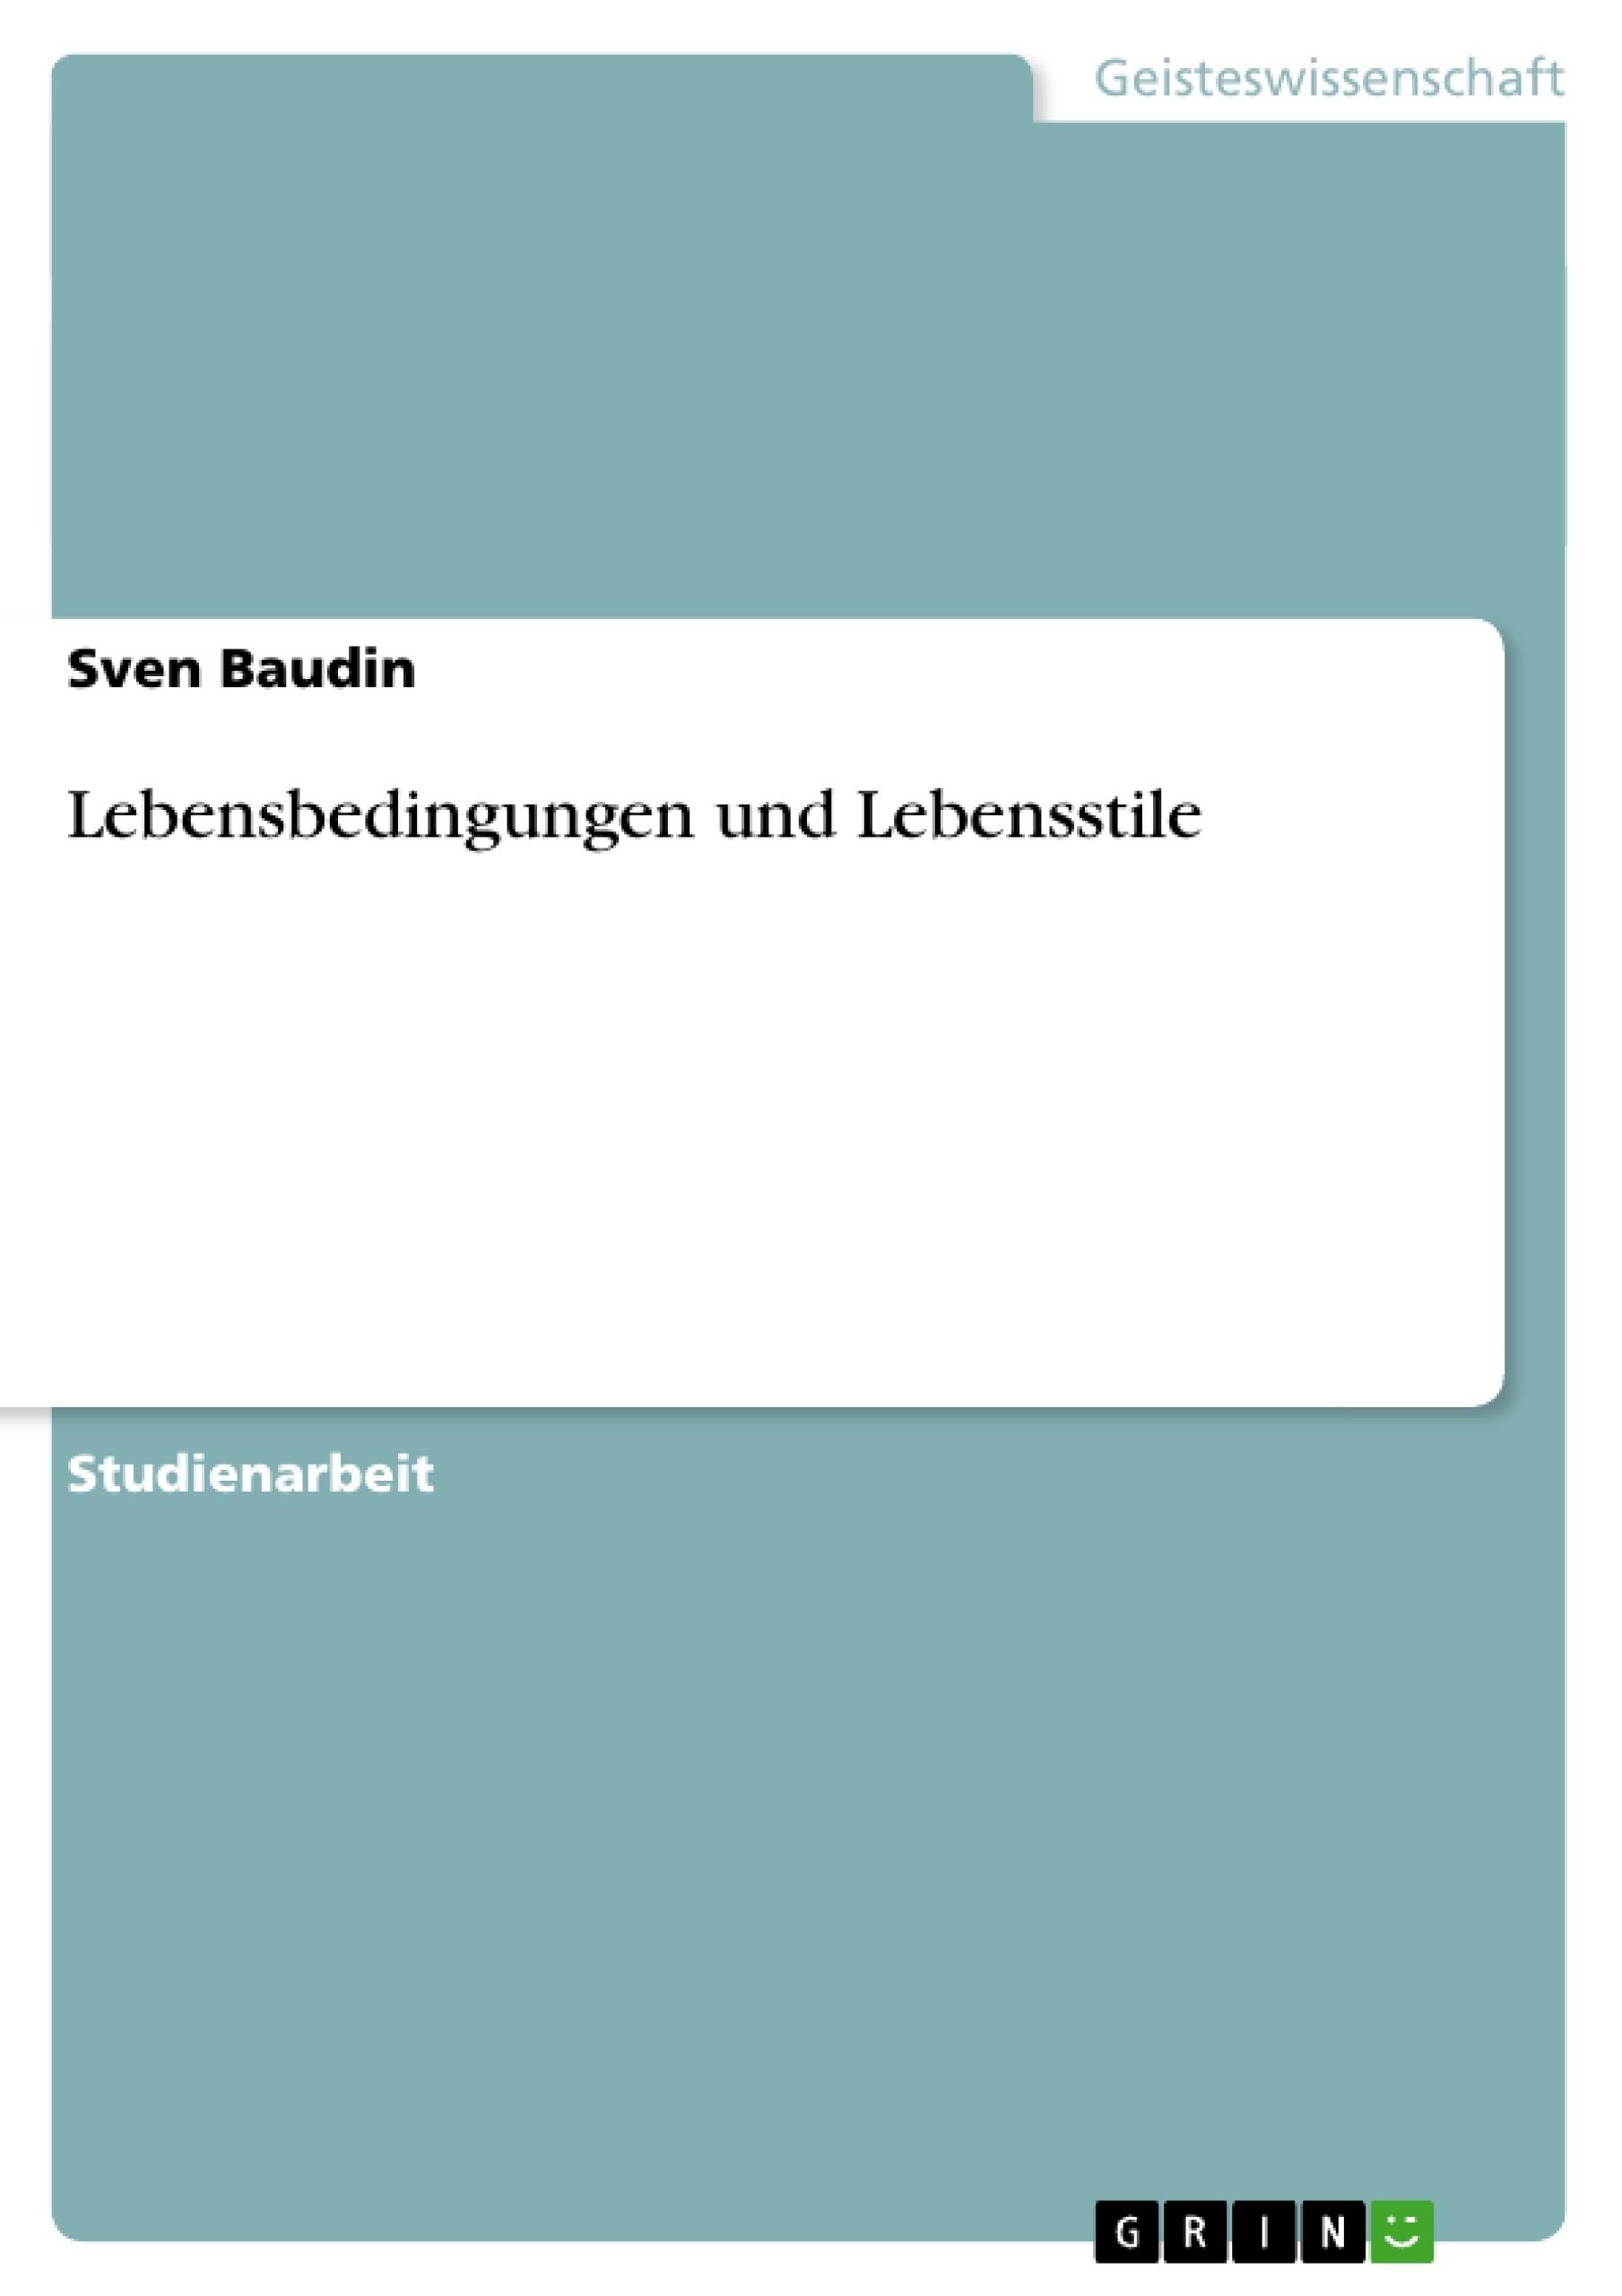 Titel: Lebensbedingungen und Lebensstile